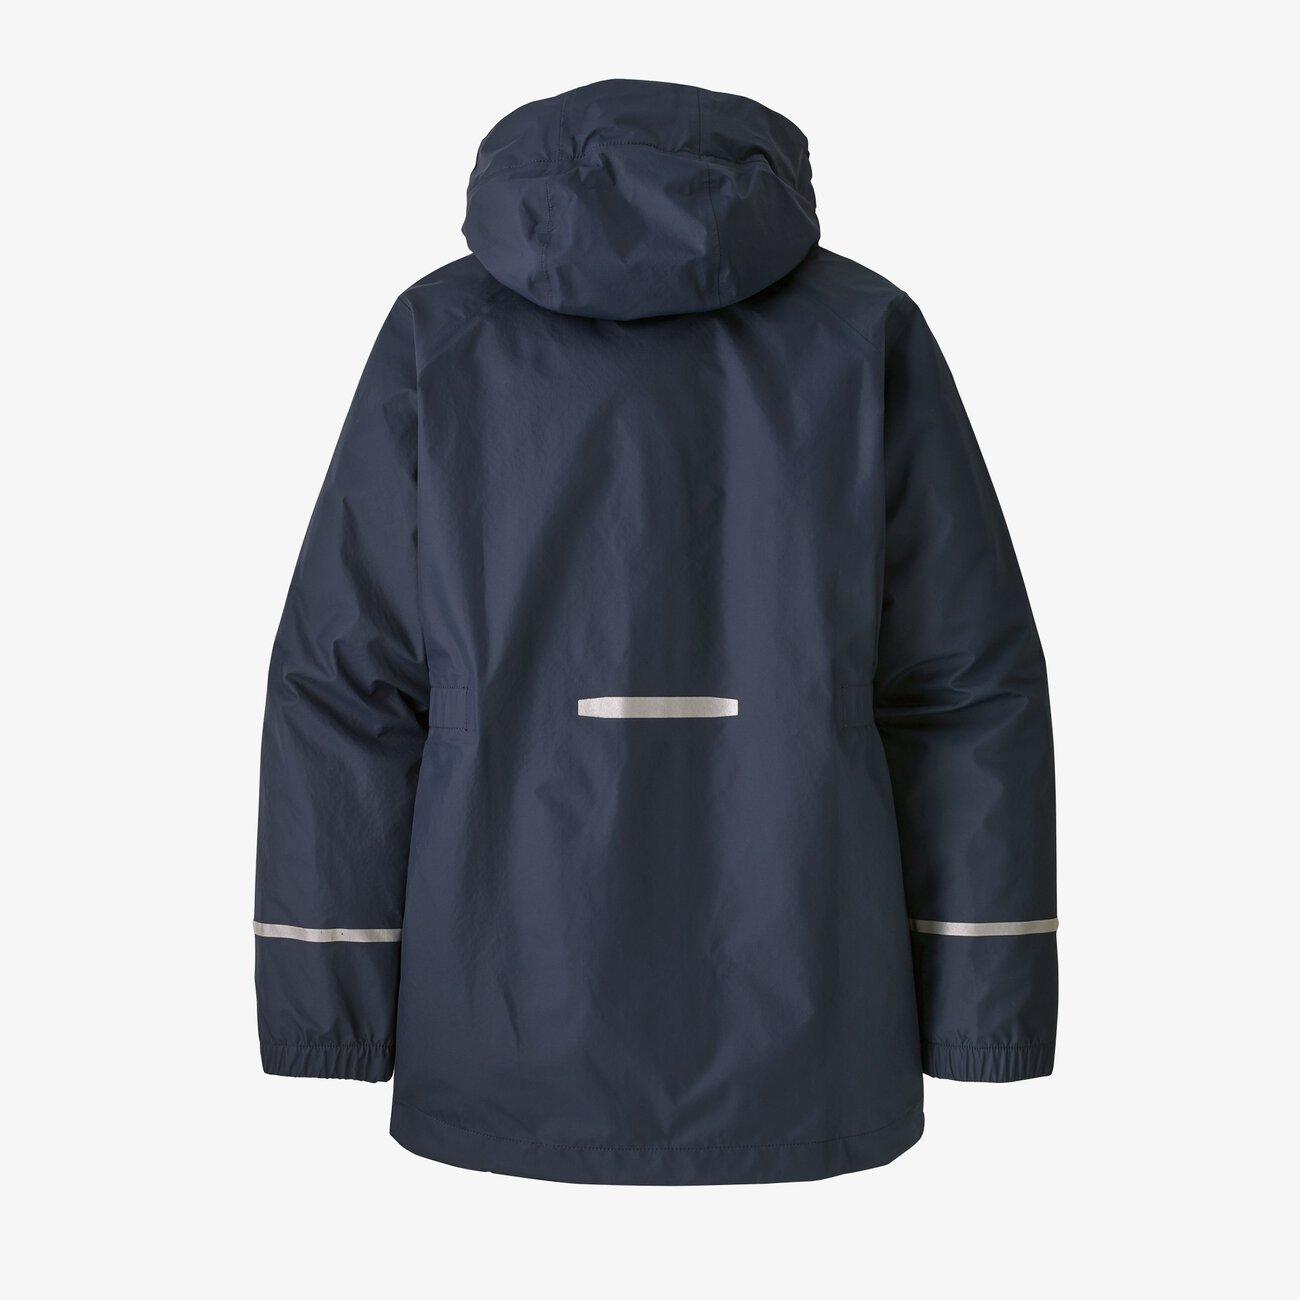 Patagonia Girls' Torrentshell 3L Jacket